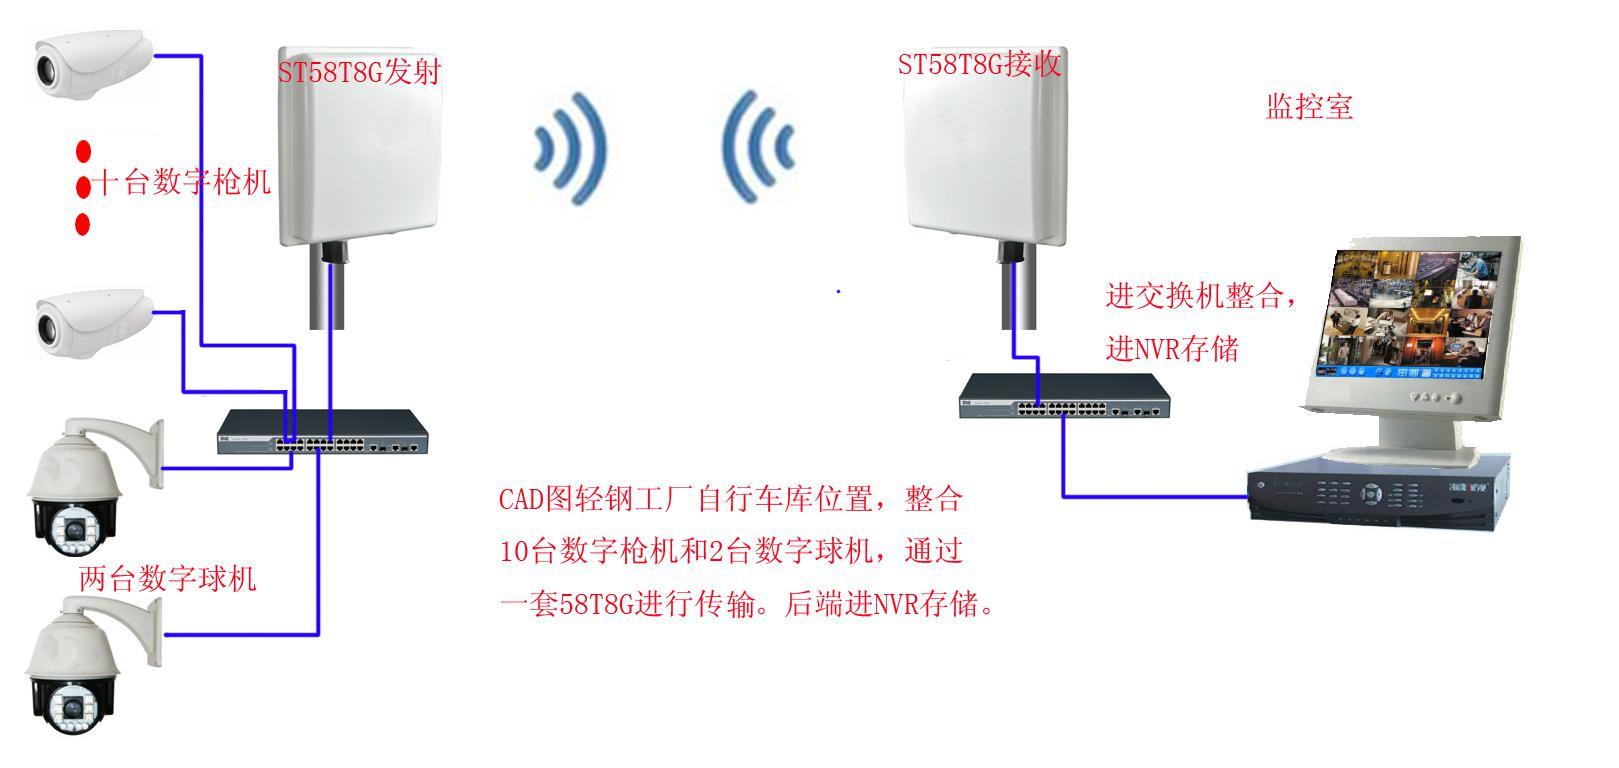 无线监控系统结构图